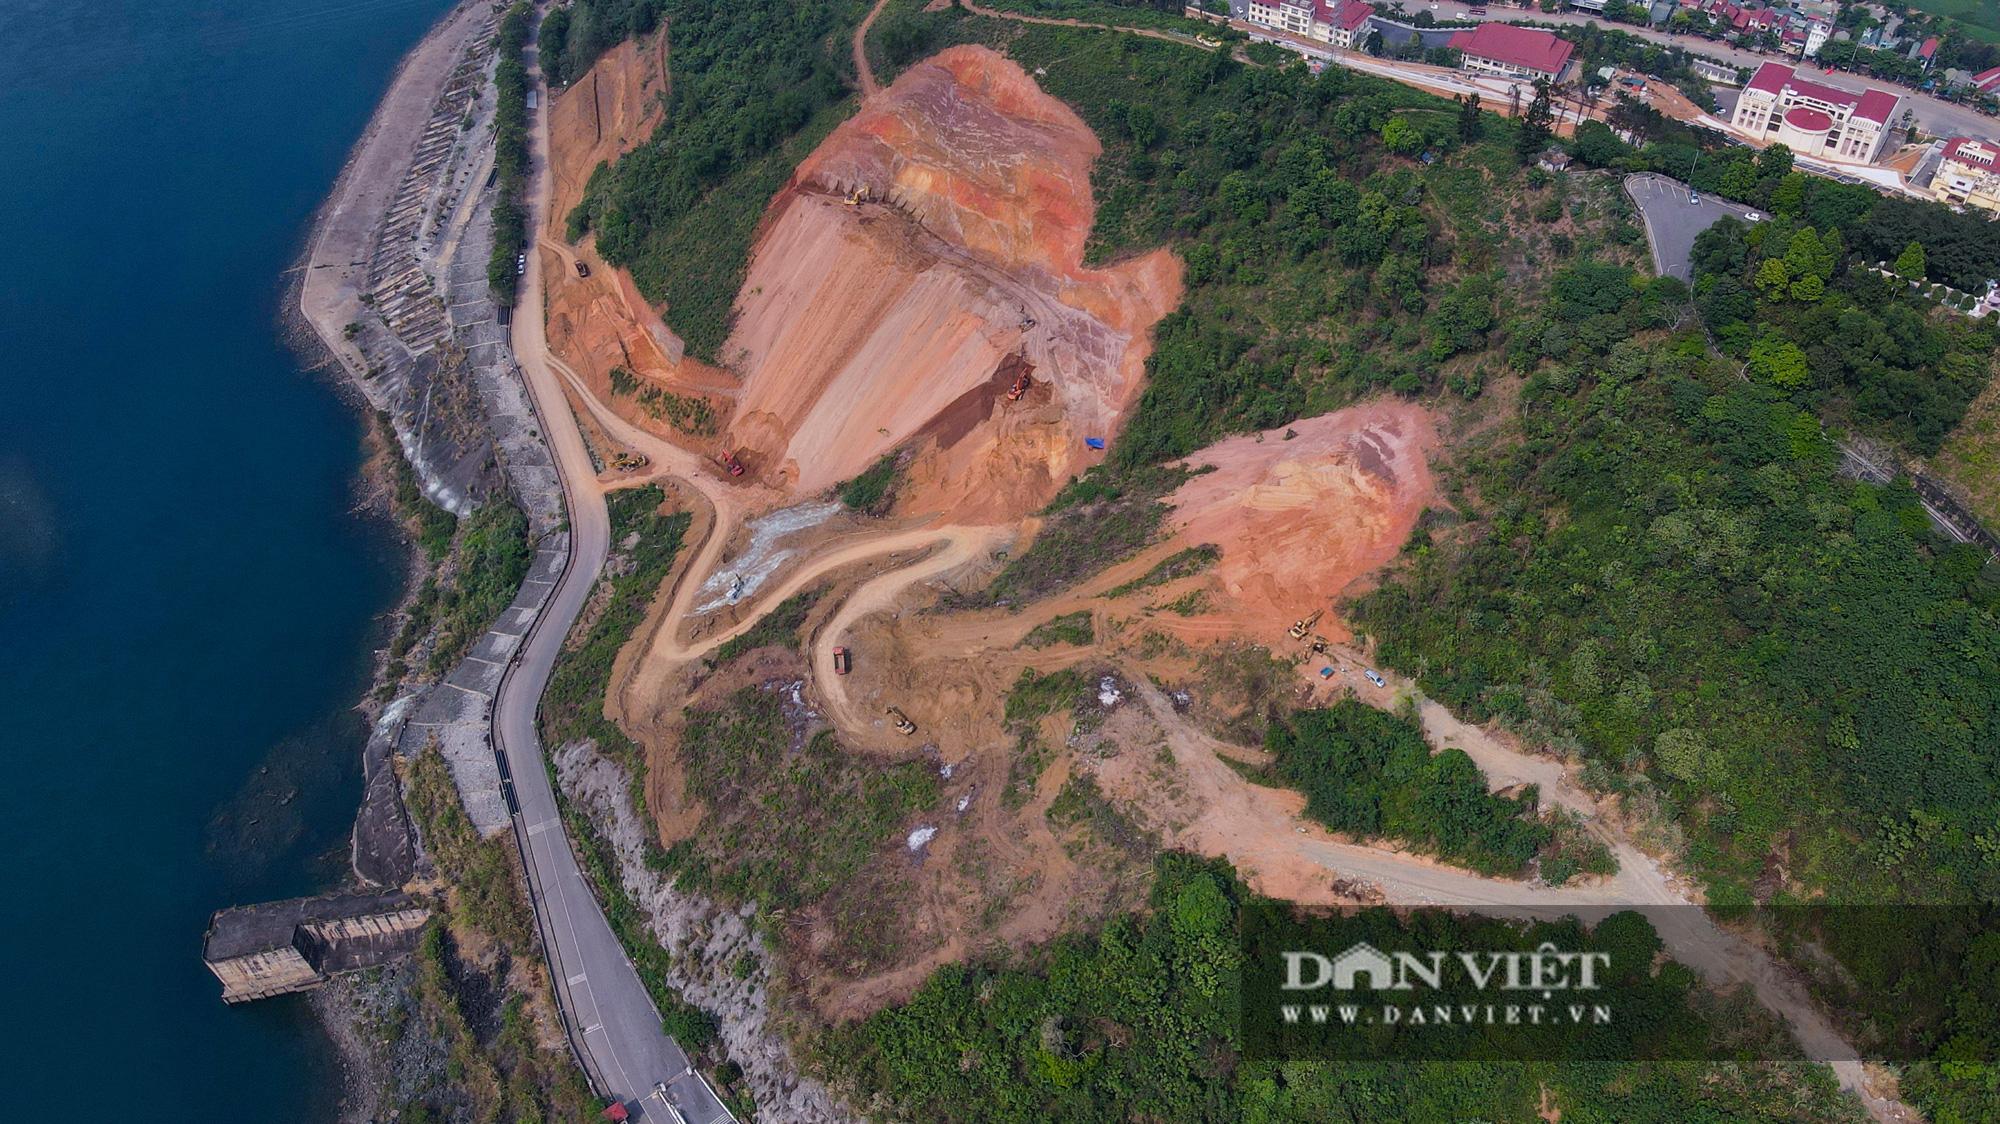 Công trình mở rộng nhà máy thuỷ điện Hoà Bình hơn 9000 tỷ nhìn từ trên cao  - Ảnh 11.